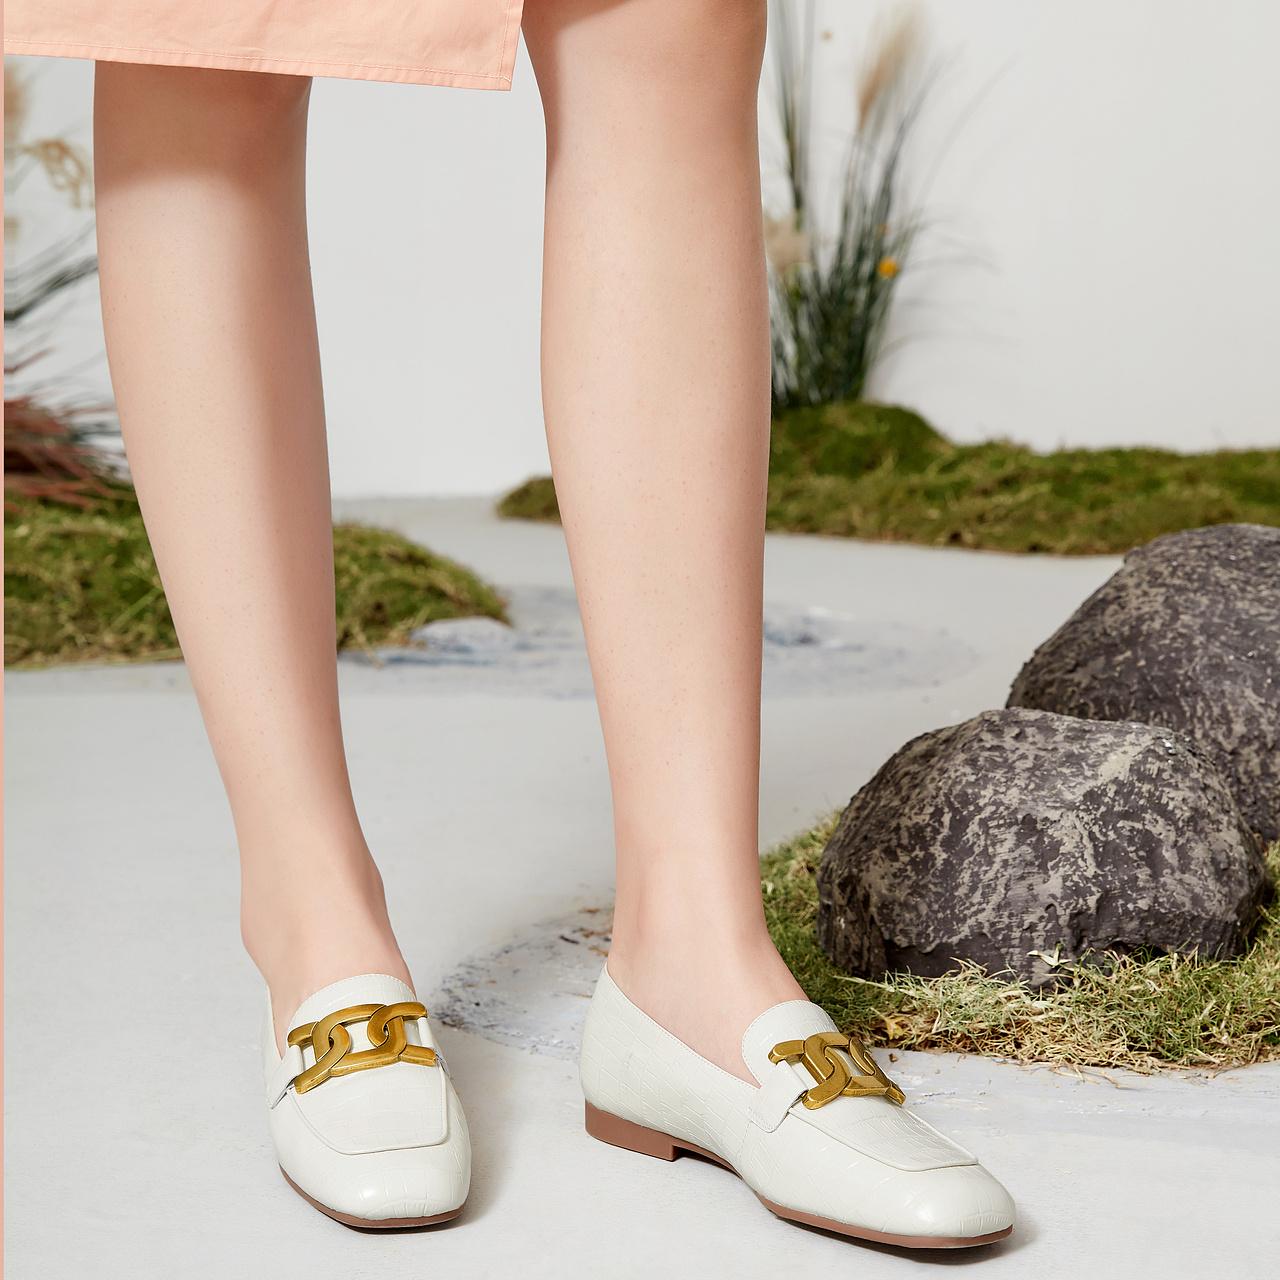 新款单鞋欧美方头通勤乐福鞋 2021 千百度女鞋时尚复古英伦风平底鞋